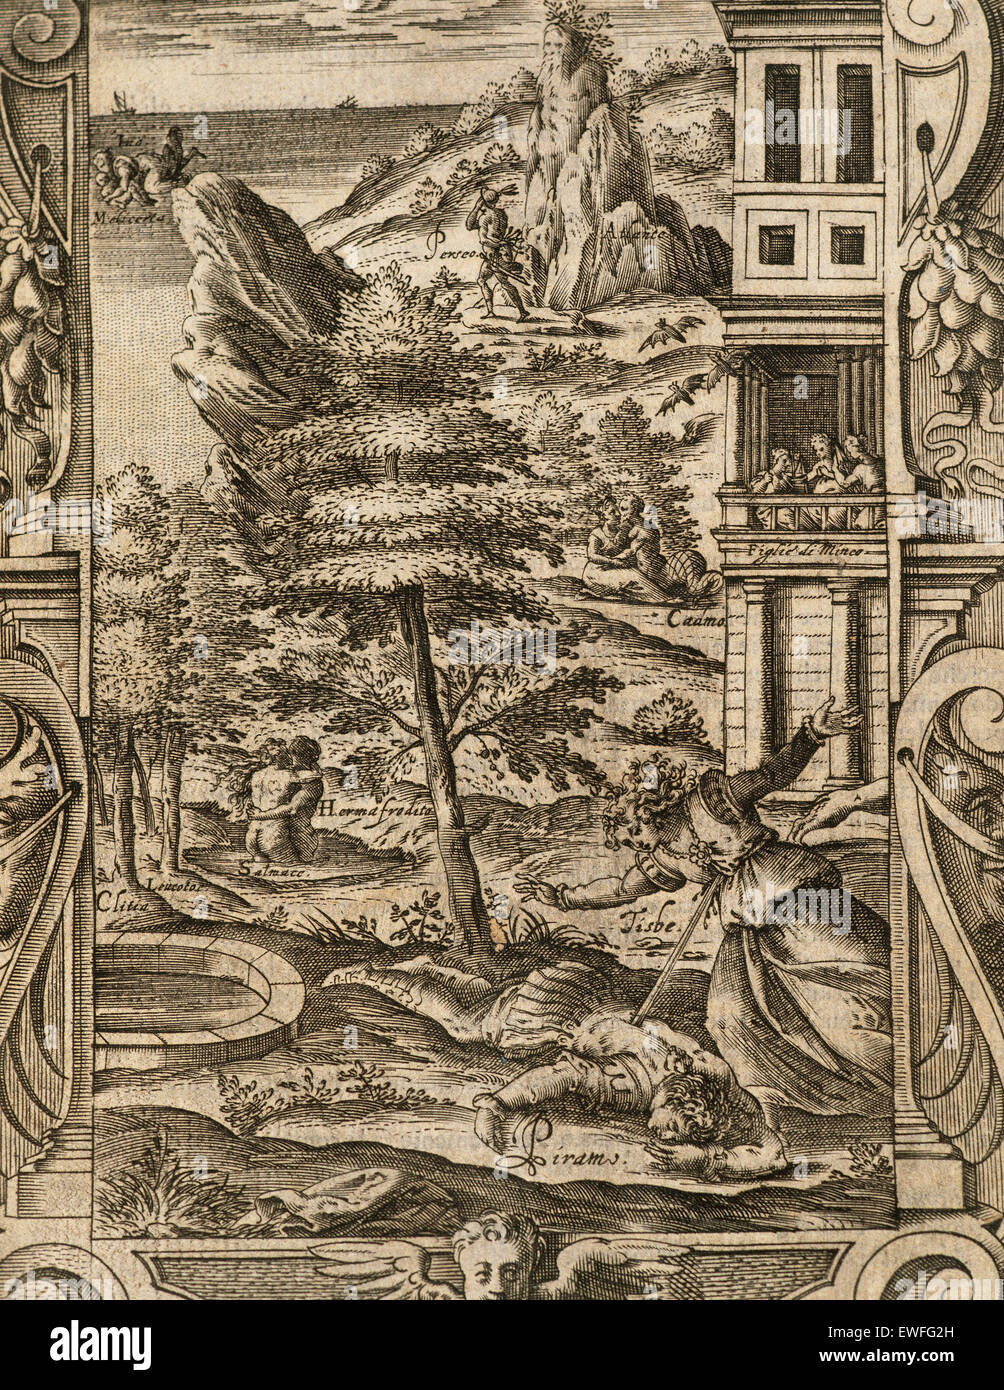 Ovidio (Publio ovidius naso) (43 BC-17 ad). poeta latino. metamorfosi 2-8 ad. libro iv. incisione raffigurante la morte di pyramus e Tisbe. Edizione italiana. Venezia, 1584. Foto Stock